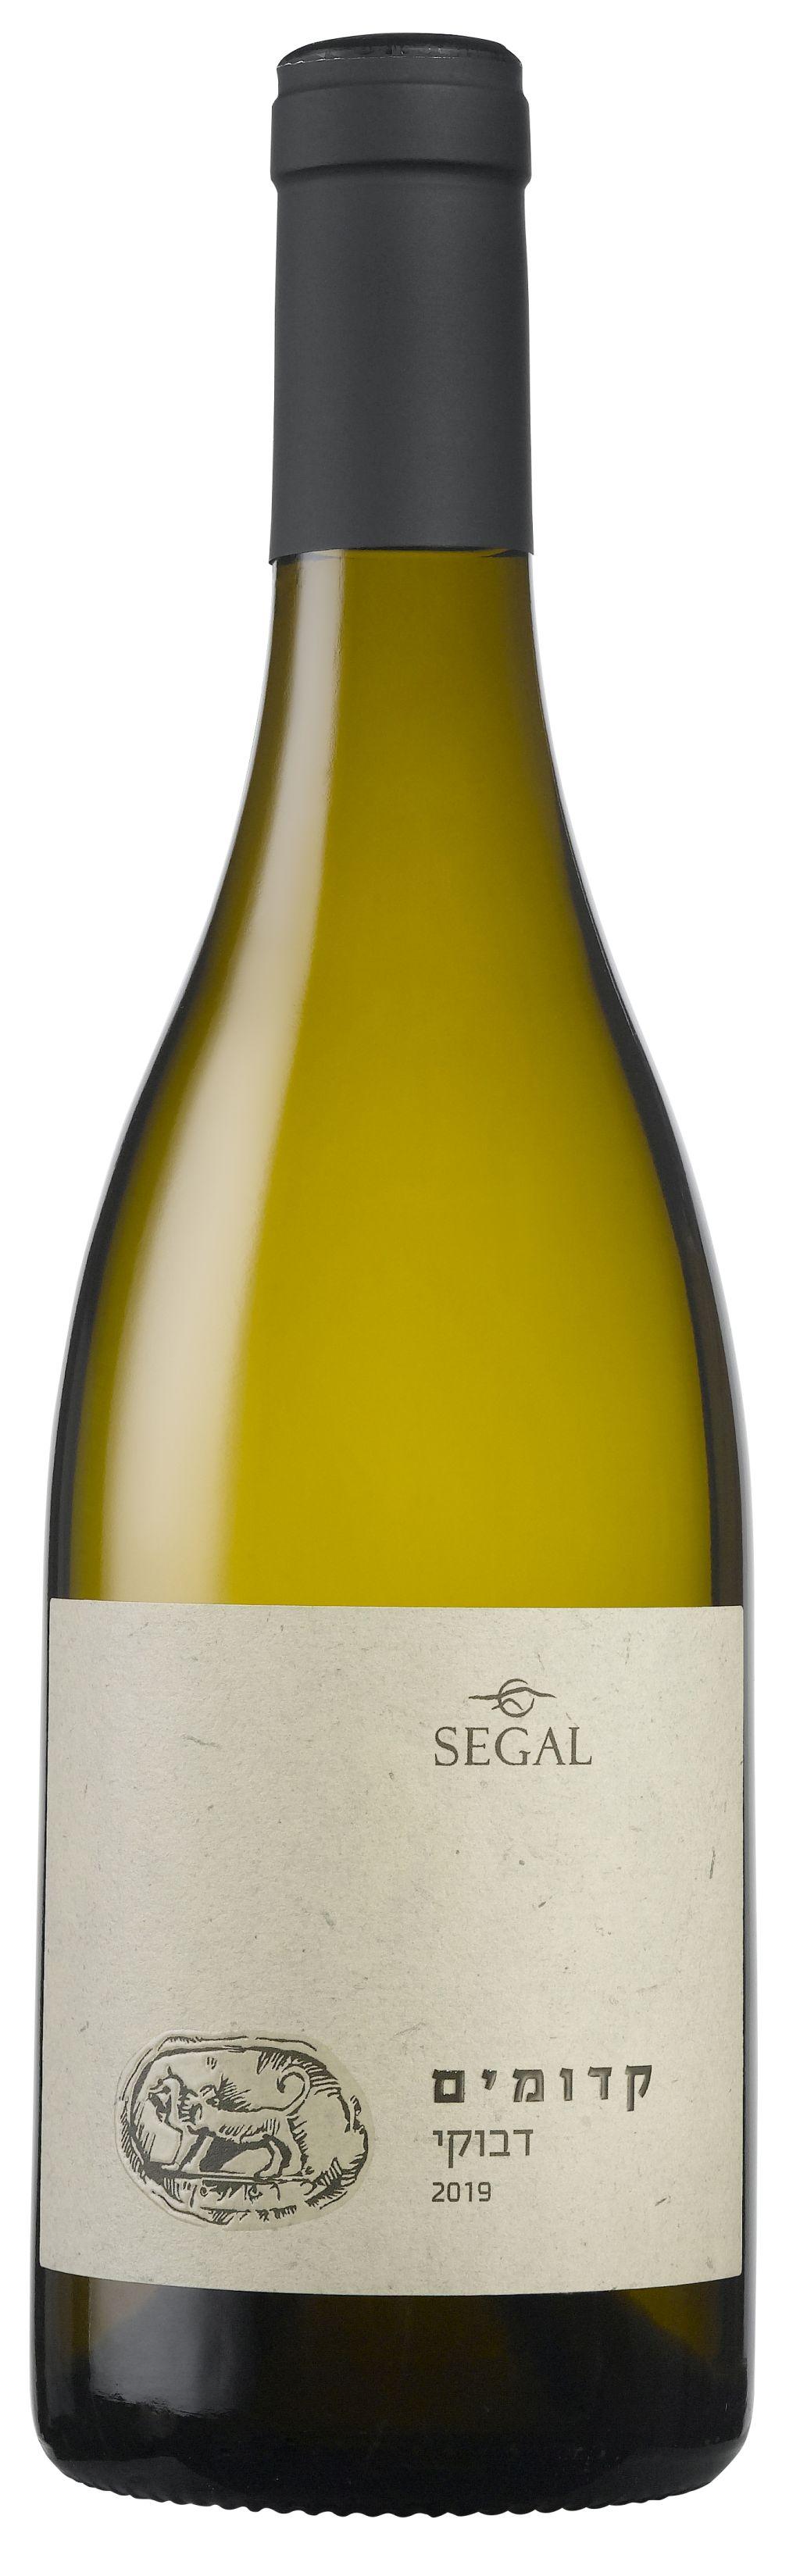 יקב סגל יינות לבנים חדשים סדרת קדומים